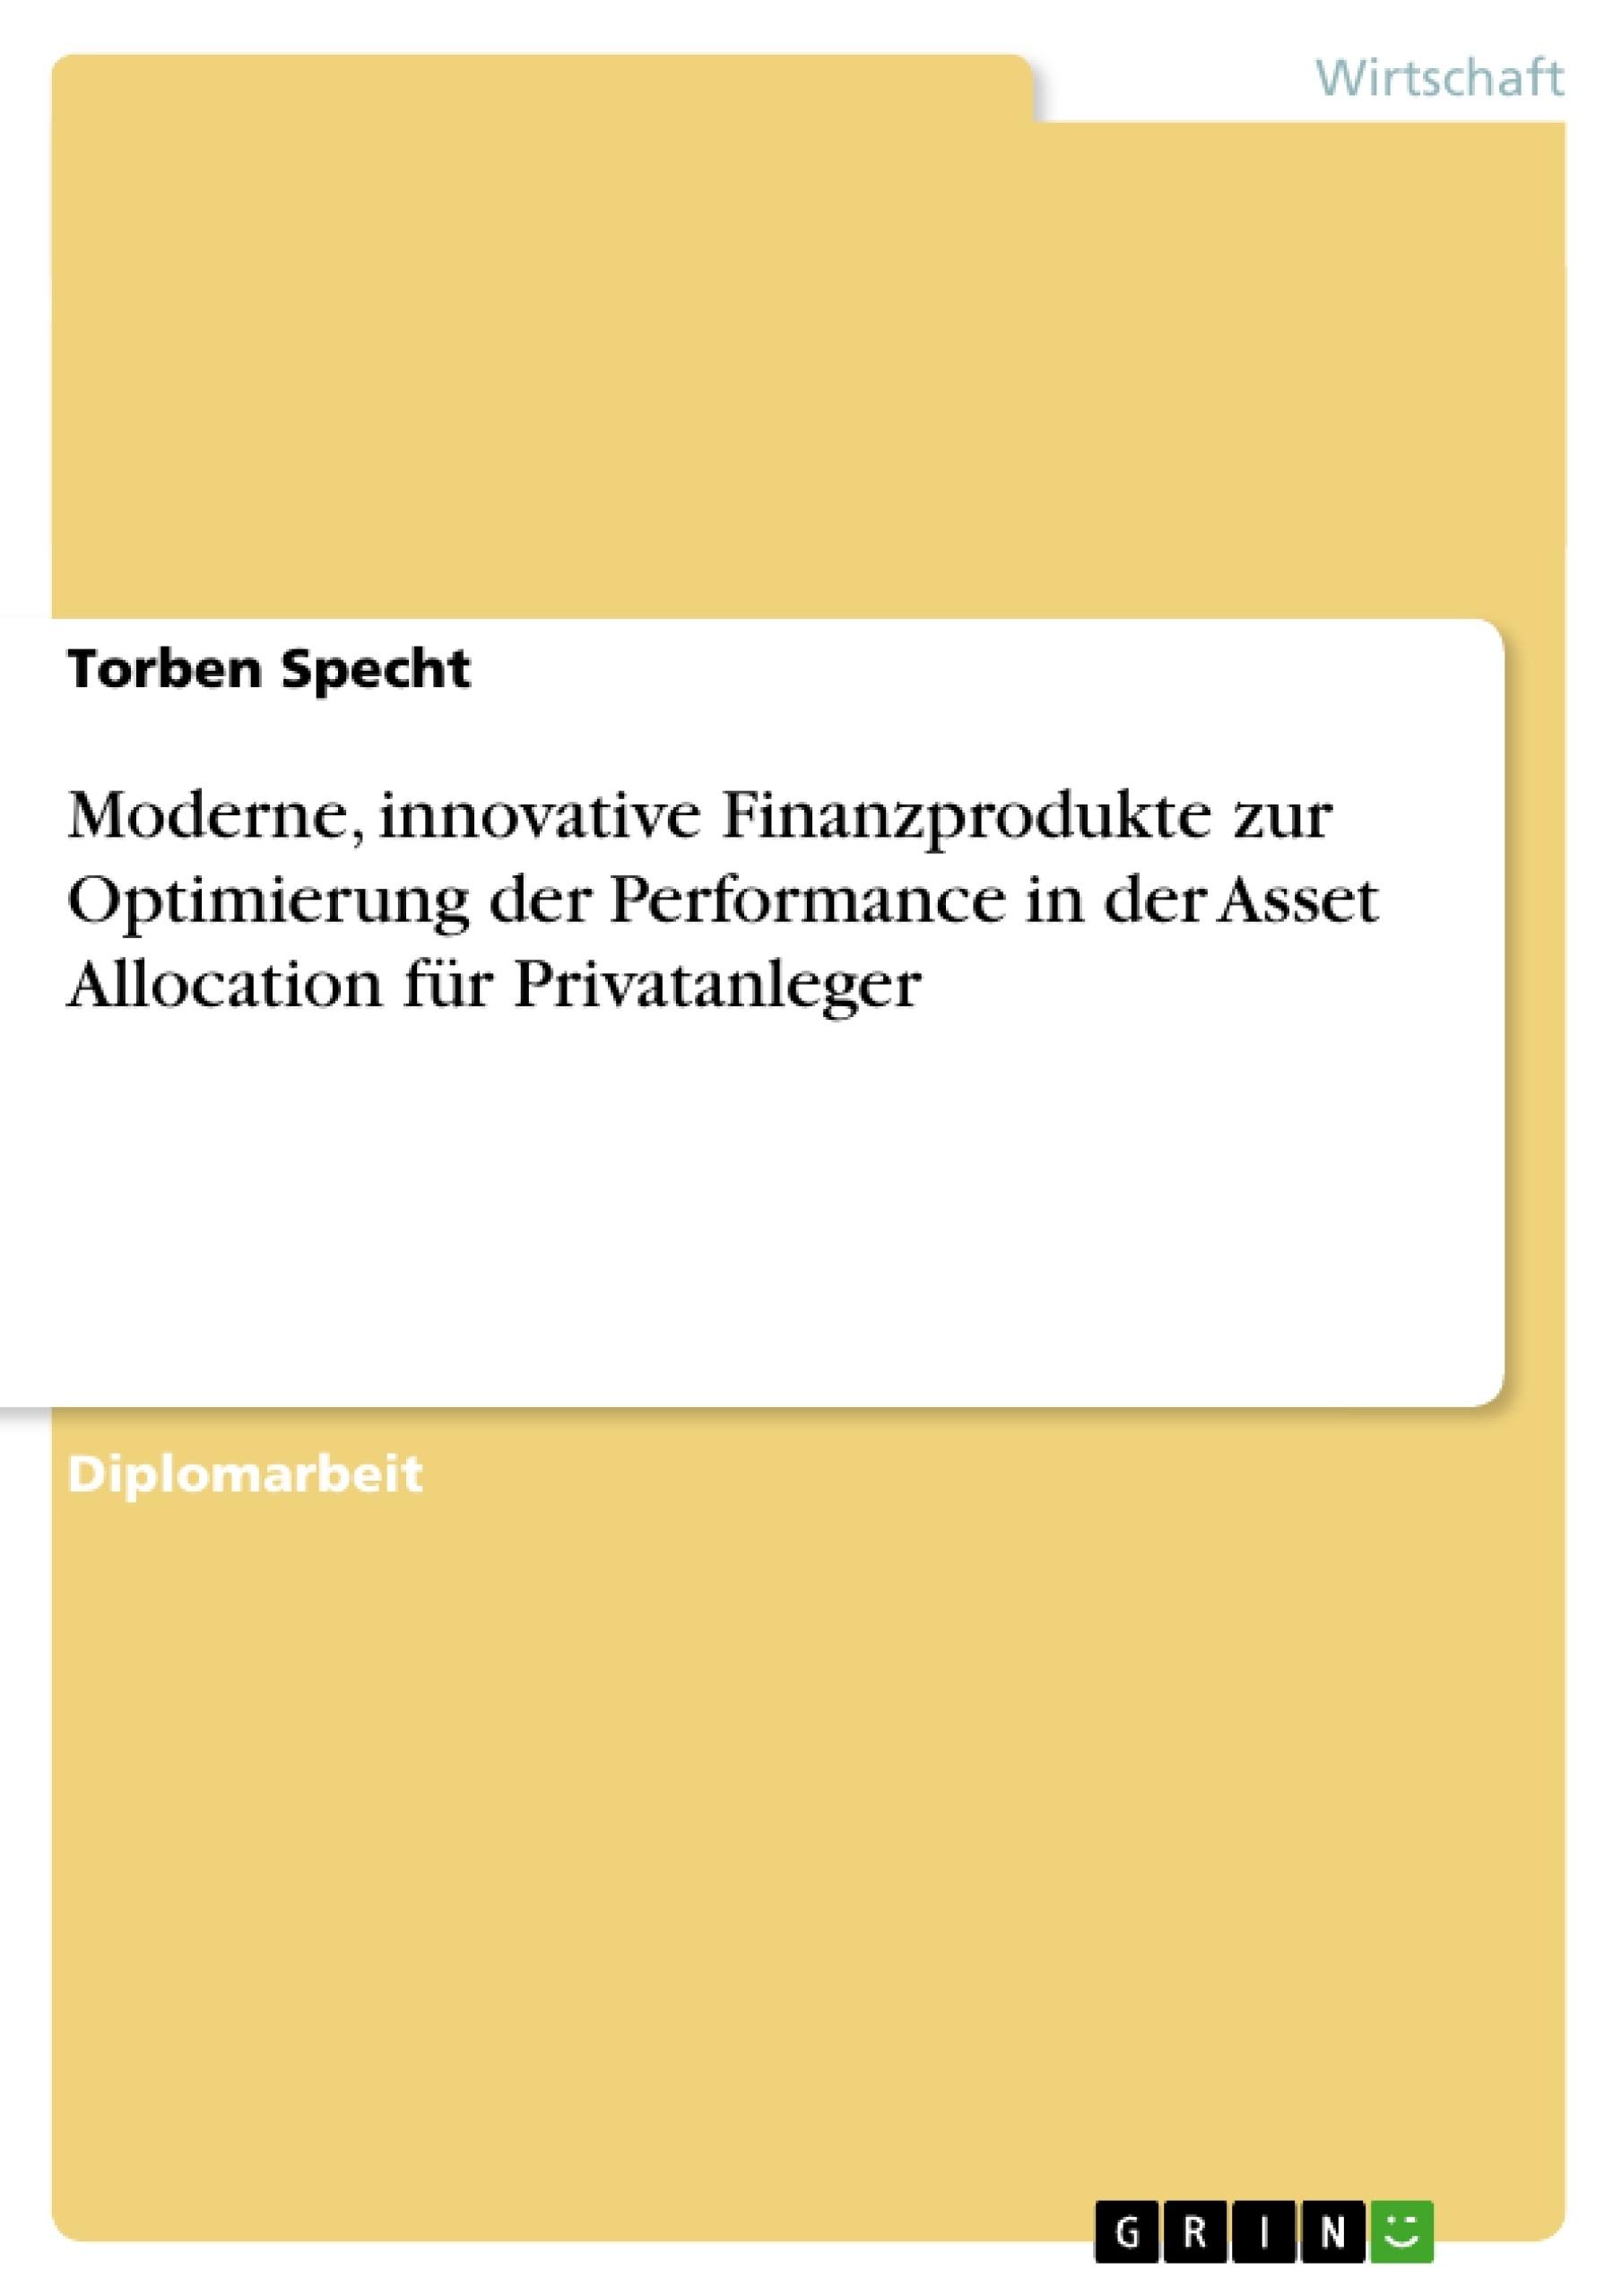 Titel: Moderne, innovative Finanzprodukte zur Optimierung der Performance in der Asset Allocation für Privatanleger